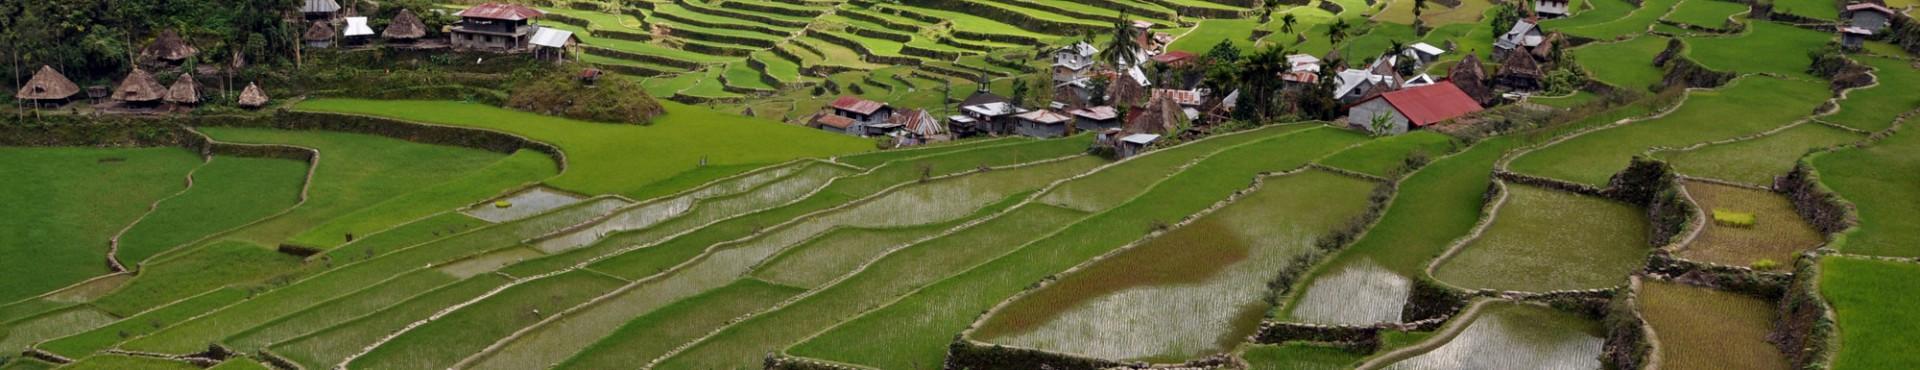 Filippine 2011